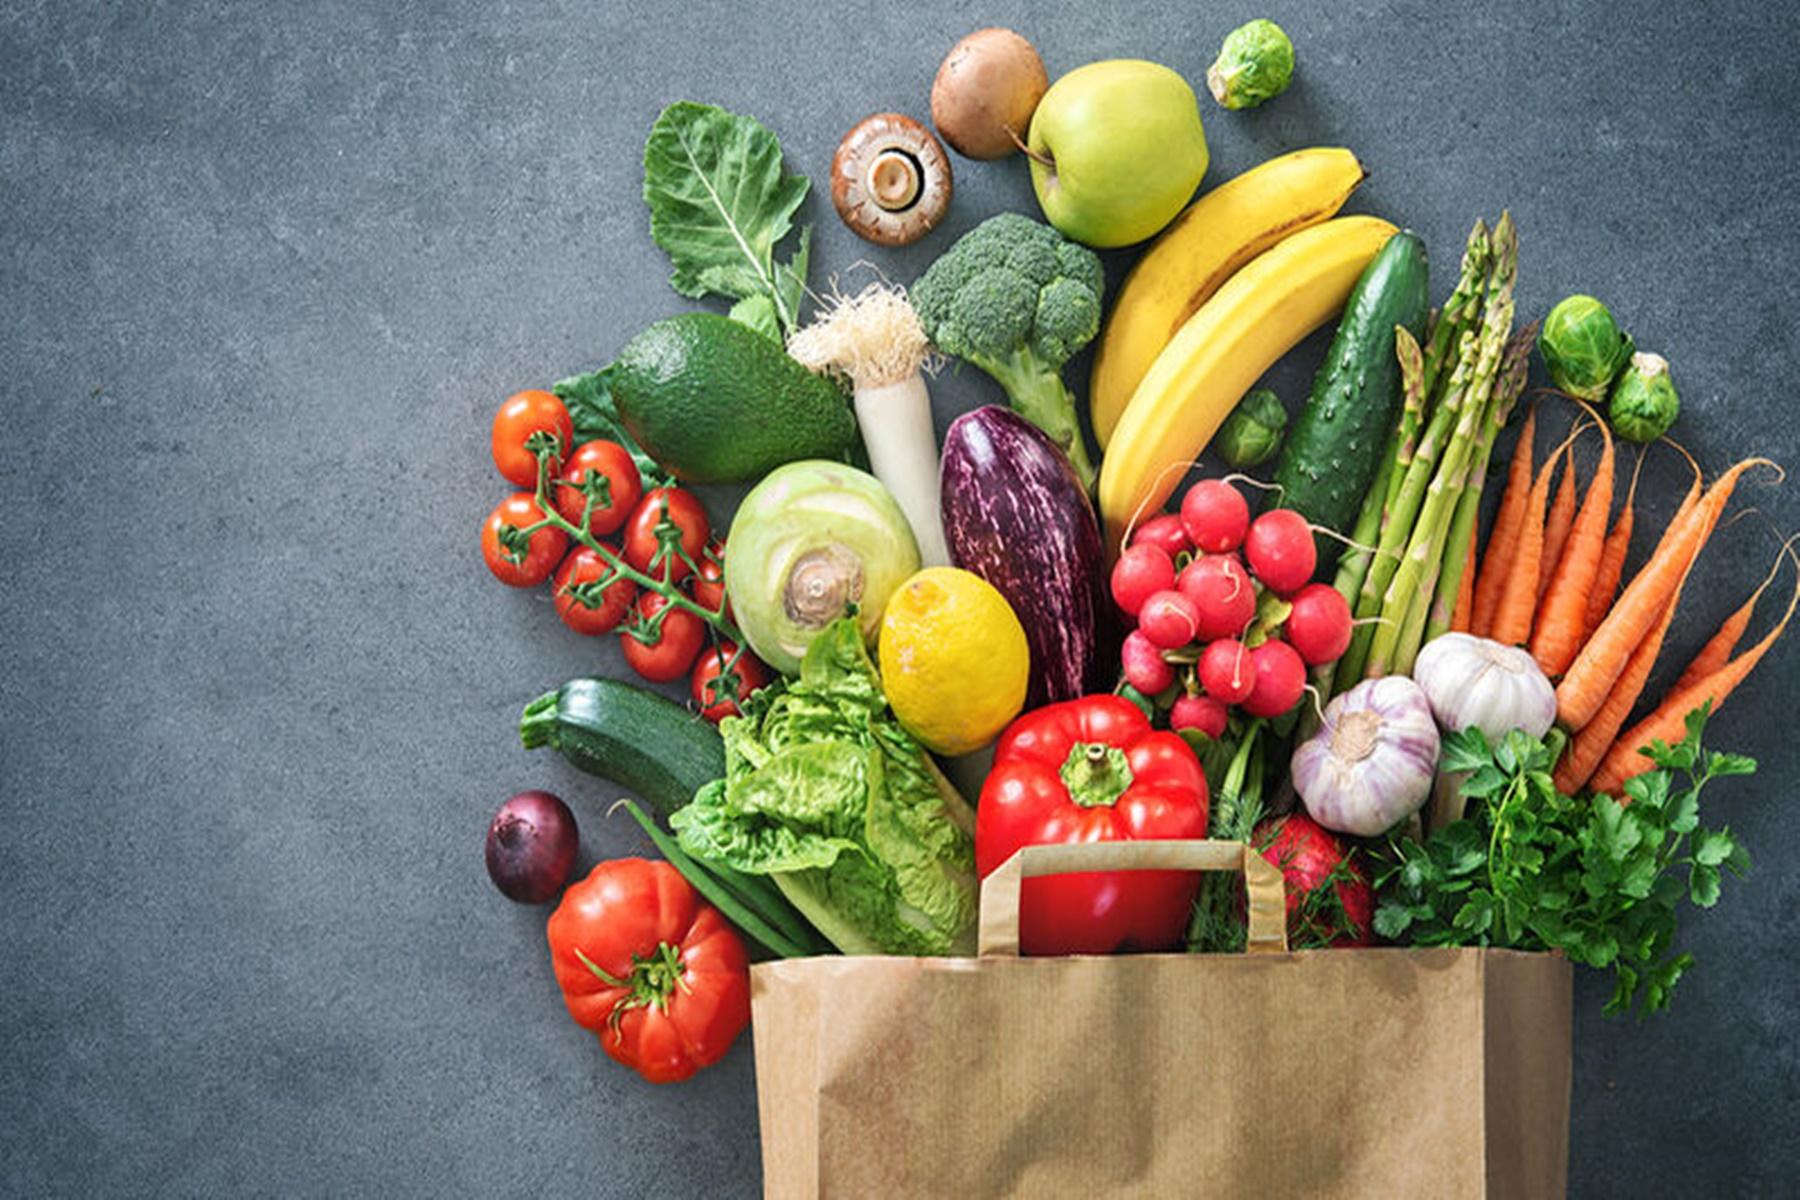 Διατροφή : Τα λαχανικά κάνουν καλό